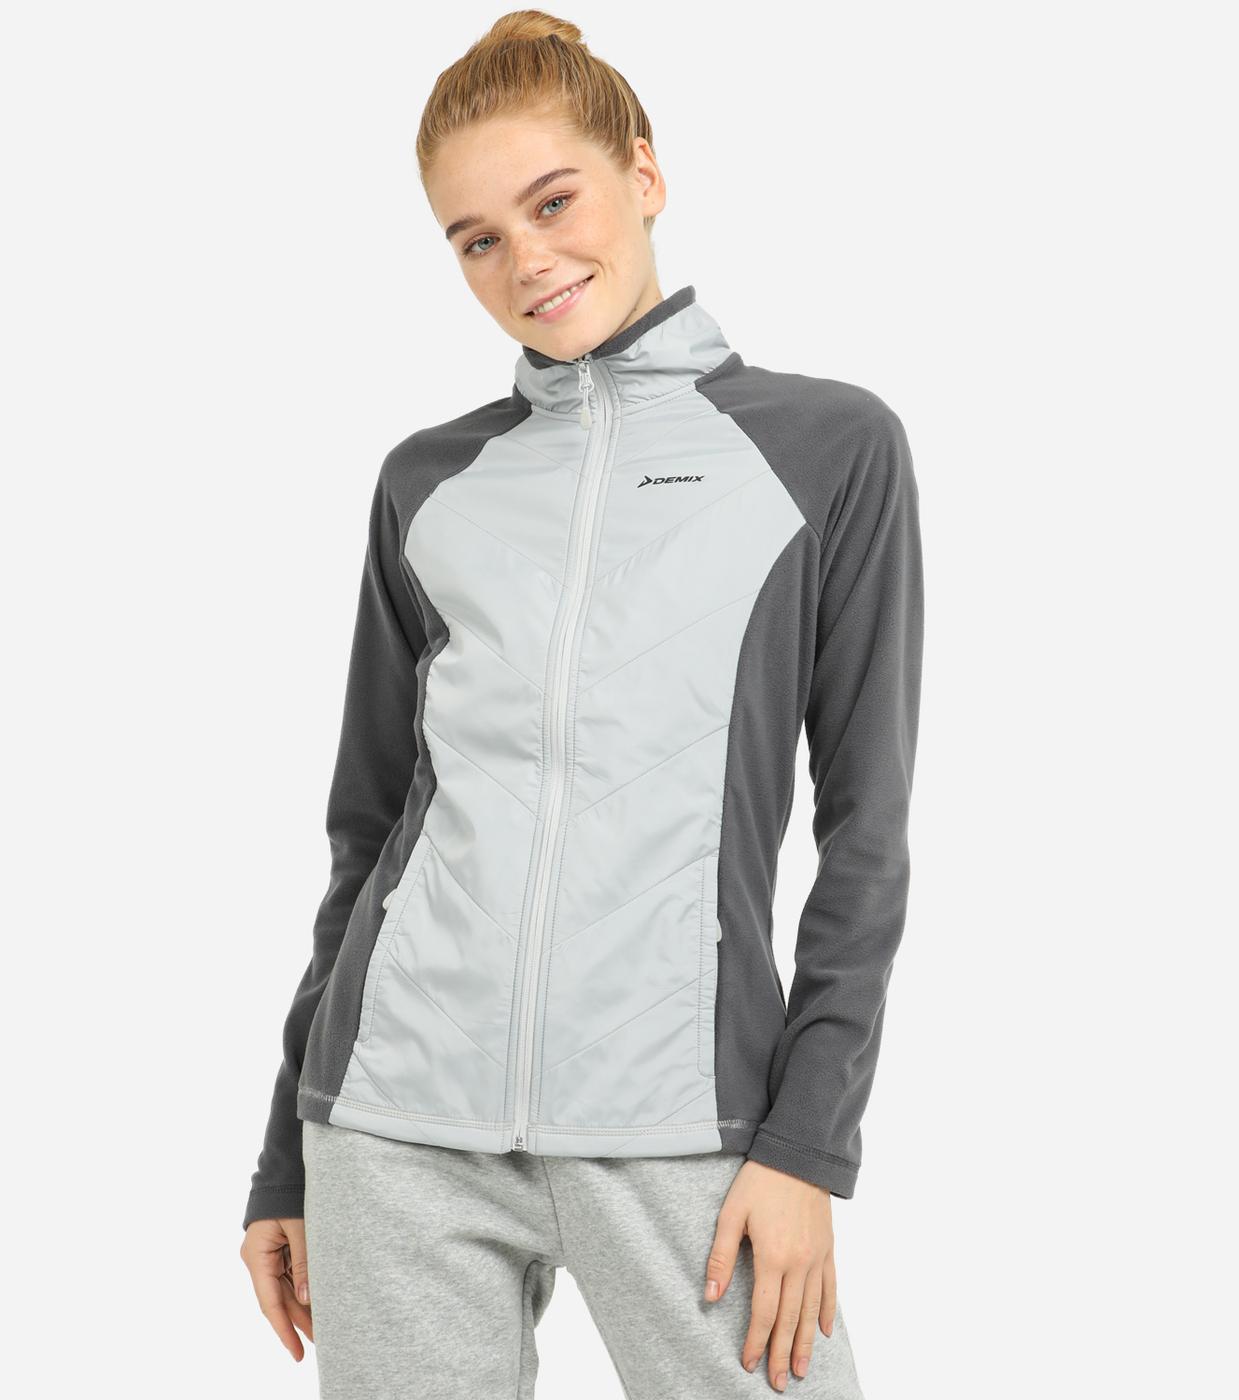 Demix Официальный Сайт Интернет Магазин Одежды